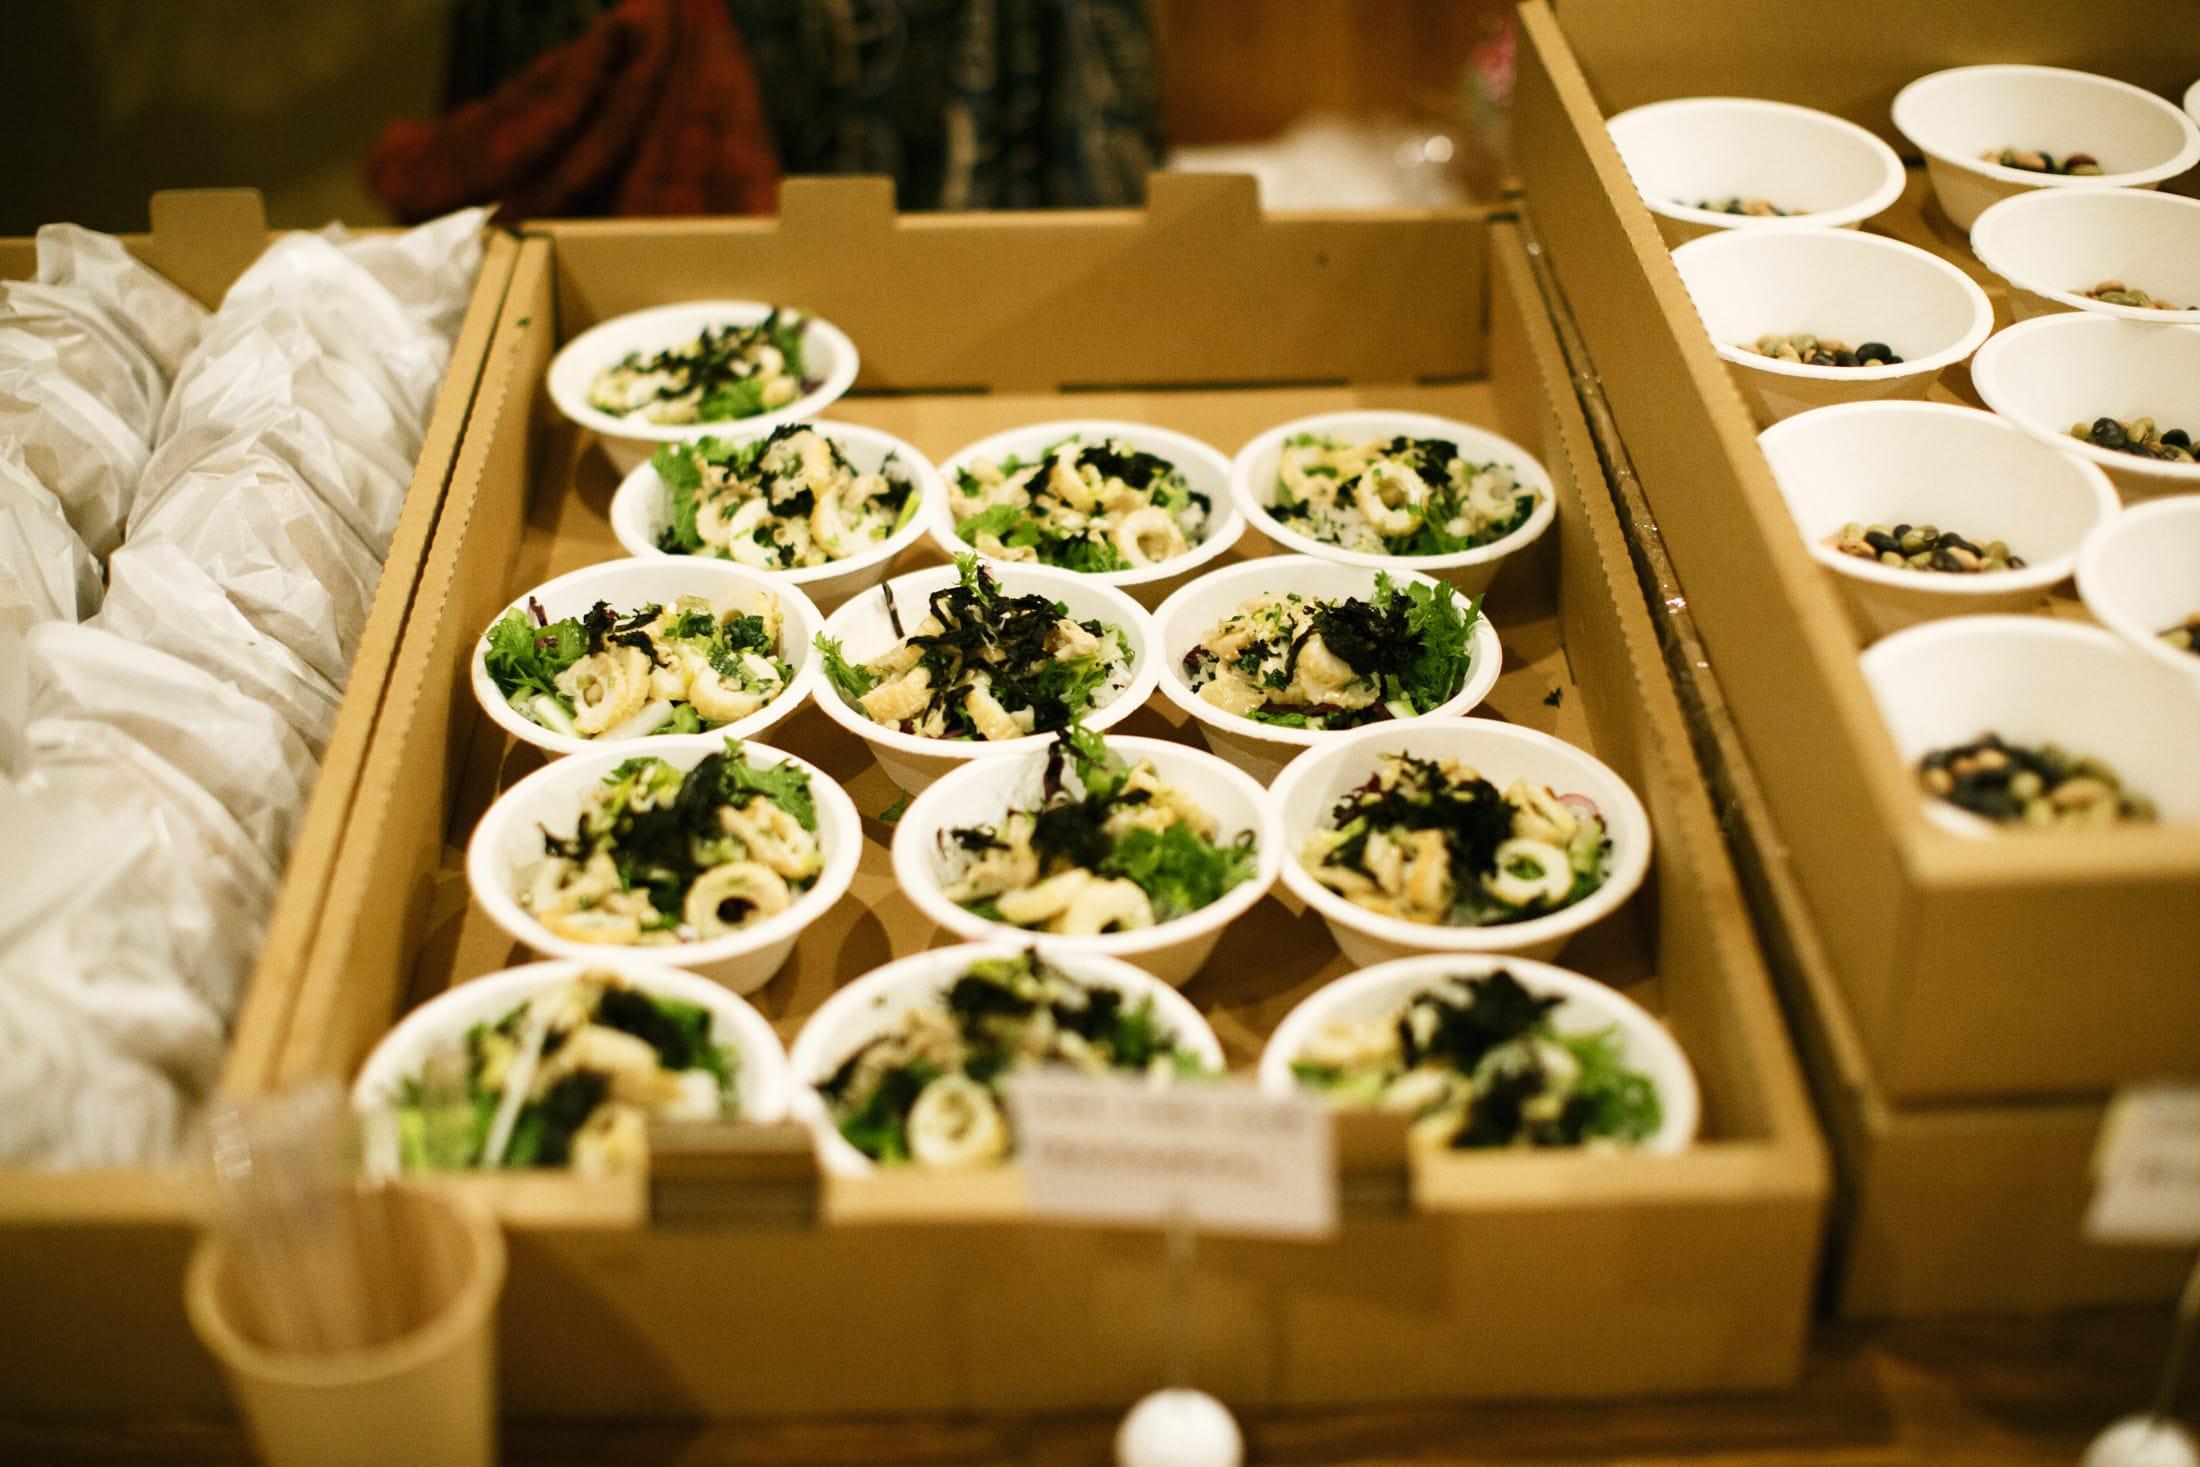 山形県の「つや姫」に、山口県・萩の「しそわかめ」を混ぜたごはん。その上に、山梨県の「五味醤油」の白味噌と萩の「さしみちくわ」を混ぜて、山形県の「伝承野菜」とトッピング。